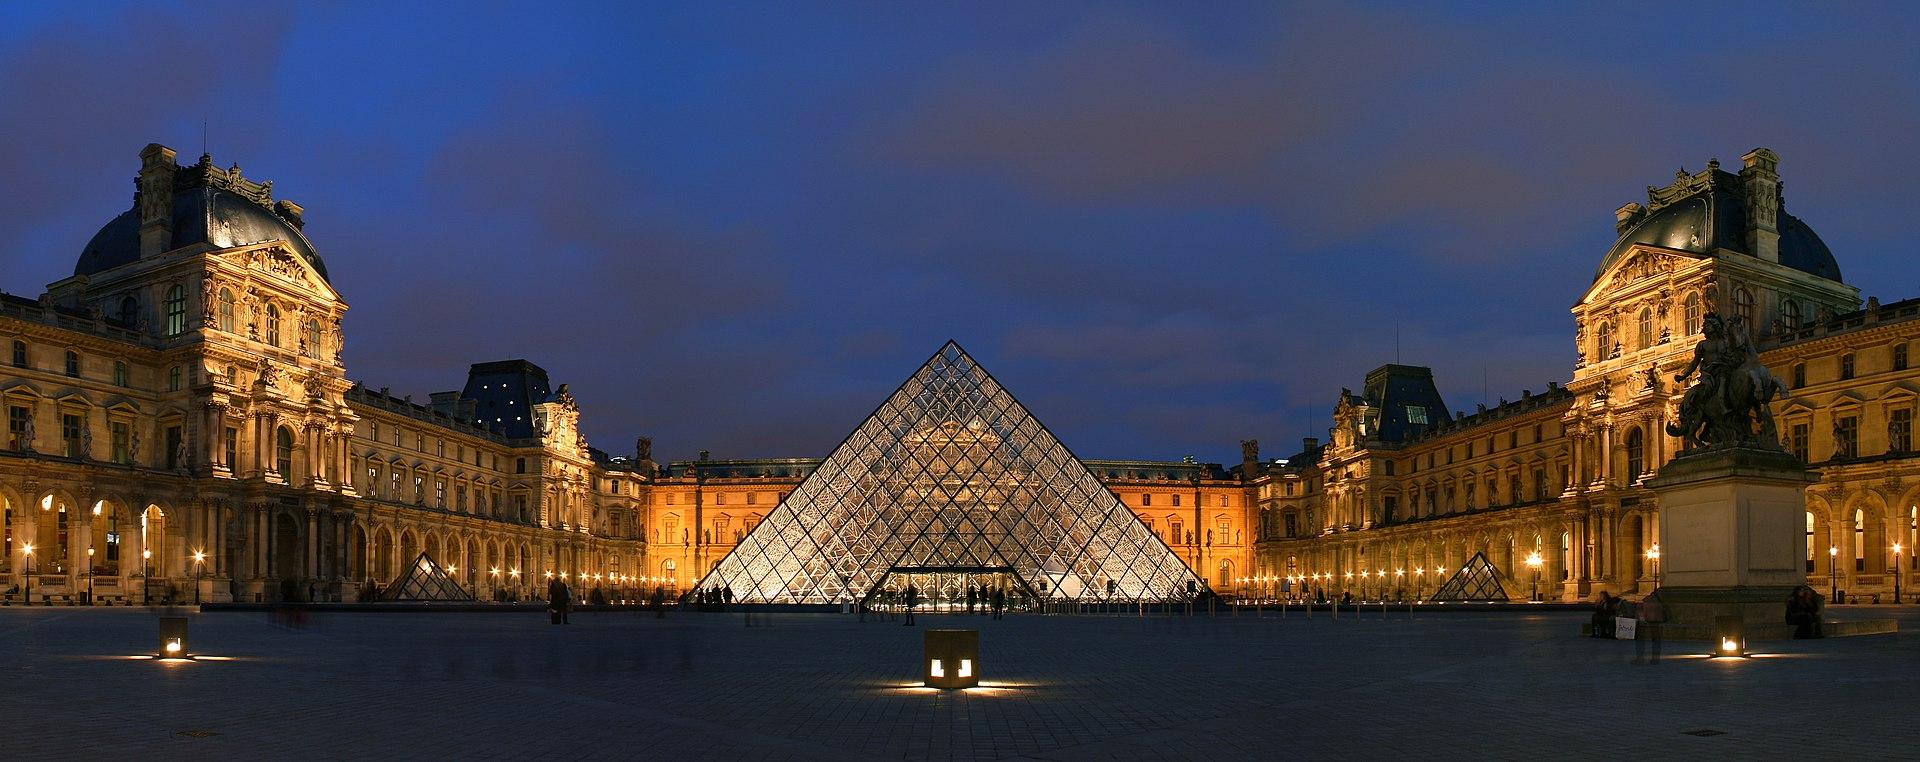 Louvre 2007 02 24 c min - العمارة المصرية القديمة